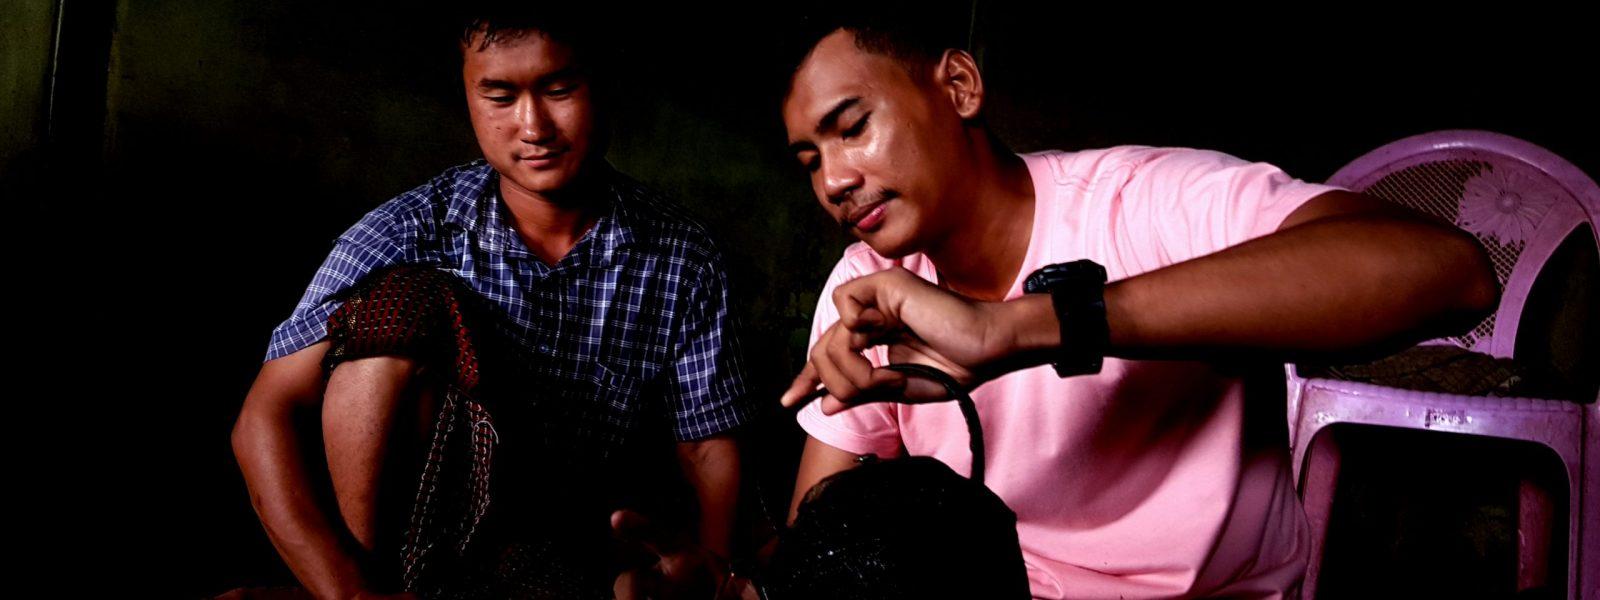 48 Hours Pindaya - Naing Lin and Au Gyi tea at Yazagyi - Sampan Travel